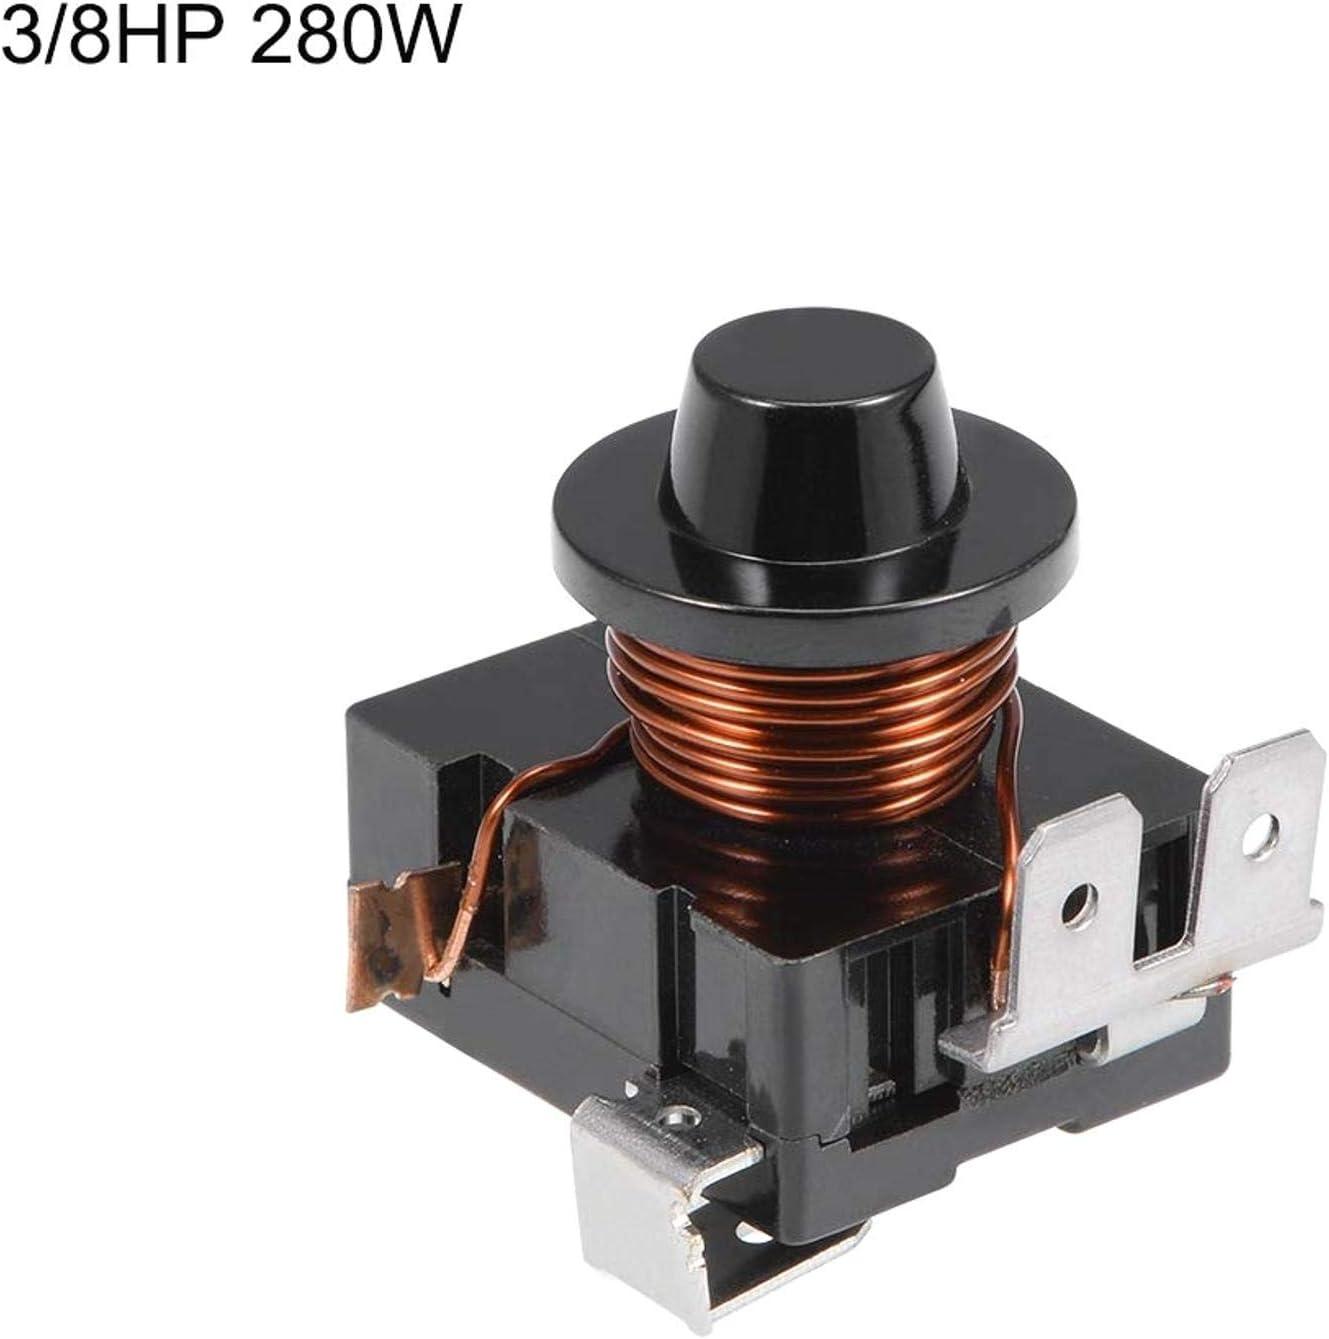 TINGB Rel/è avviamento 2 compressori Frigorifero 2 Pezzi Ricambio 1 2HP-220V 375W